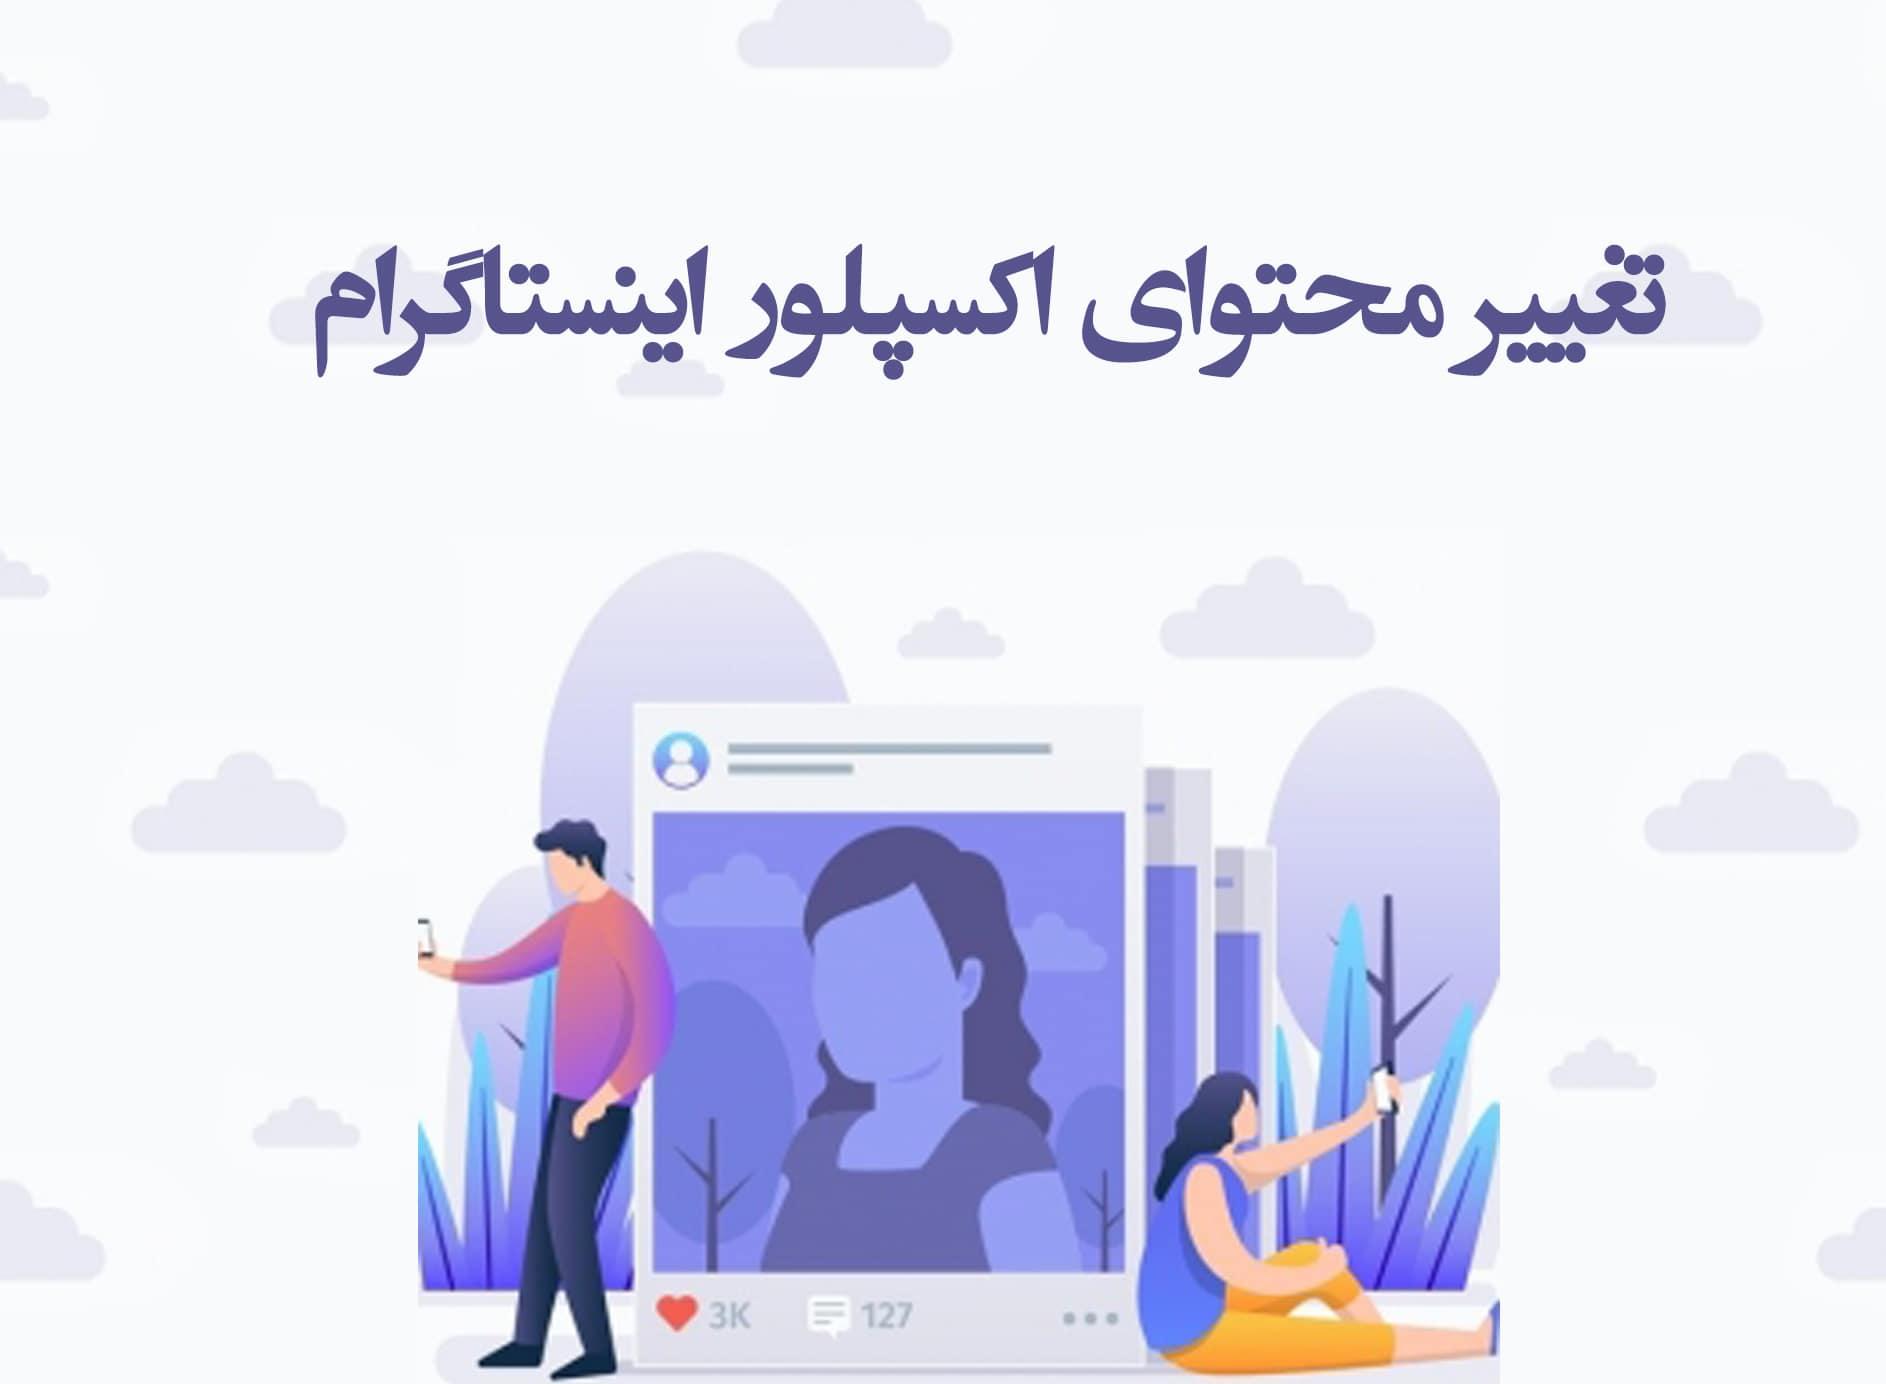 تغییر محتوای اکسپلور اینستاگرام - وب سایت برتر رایانه